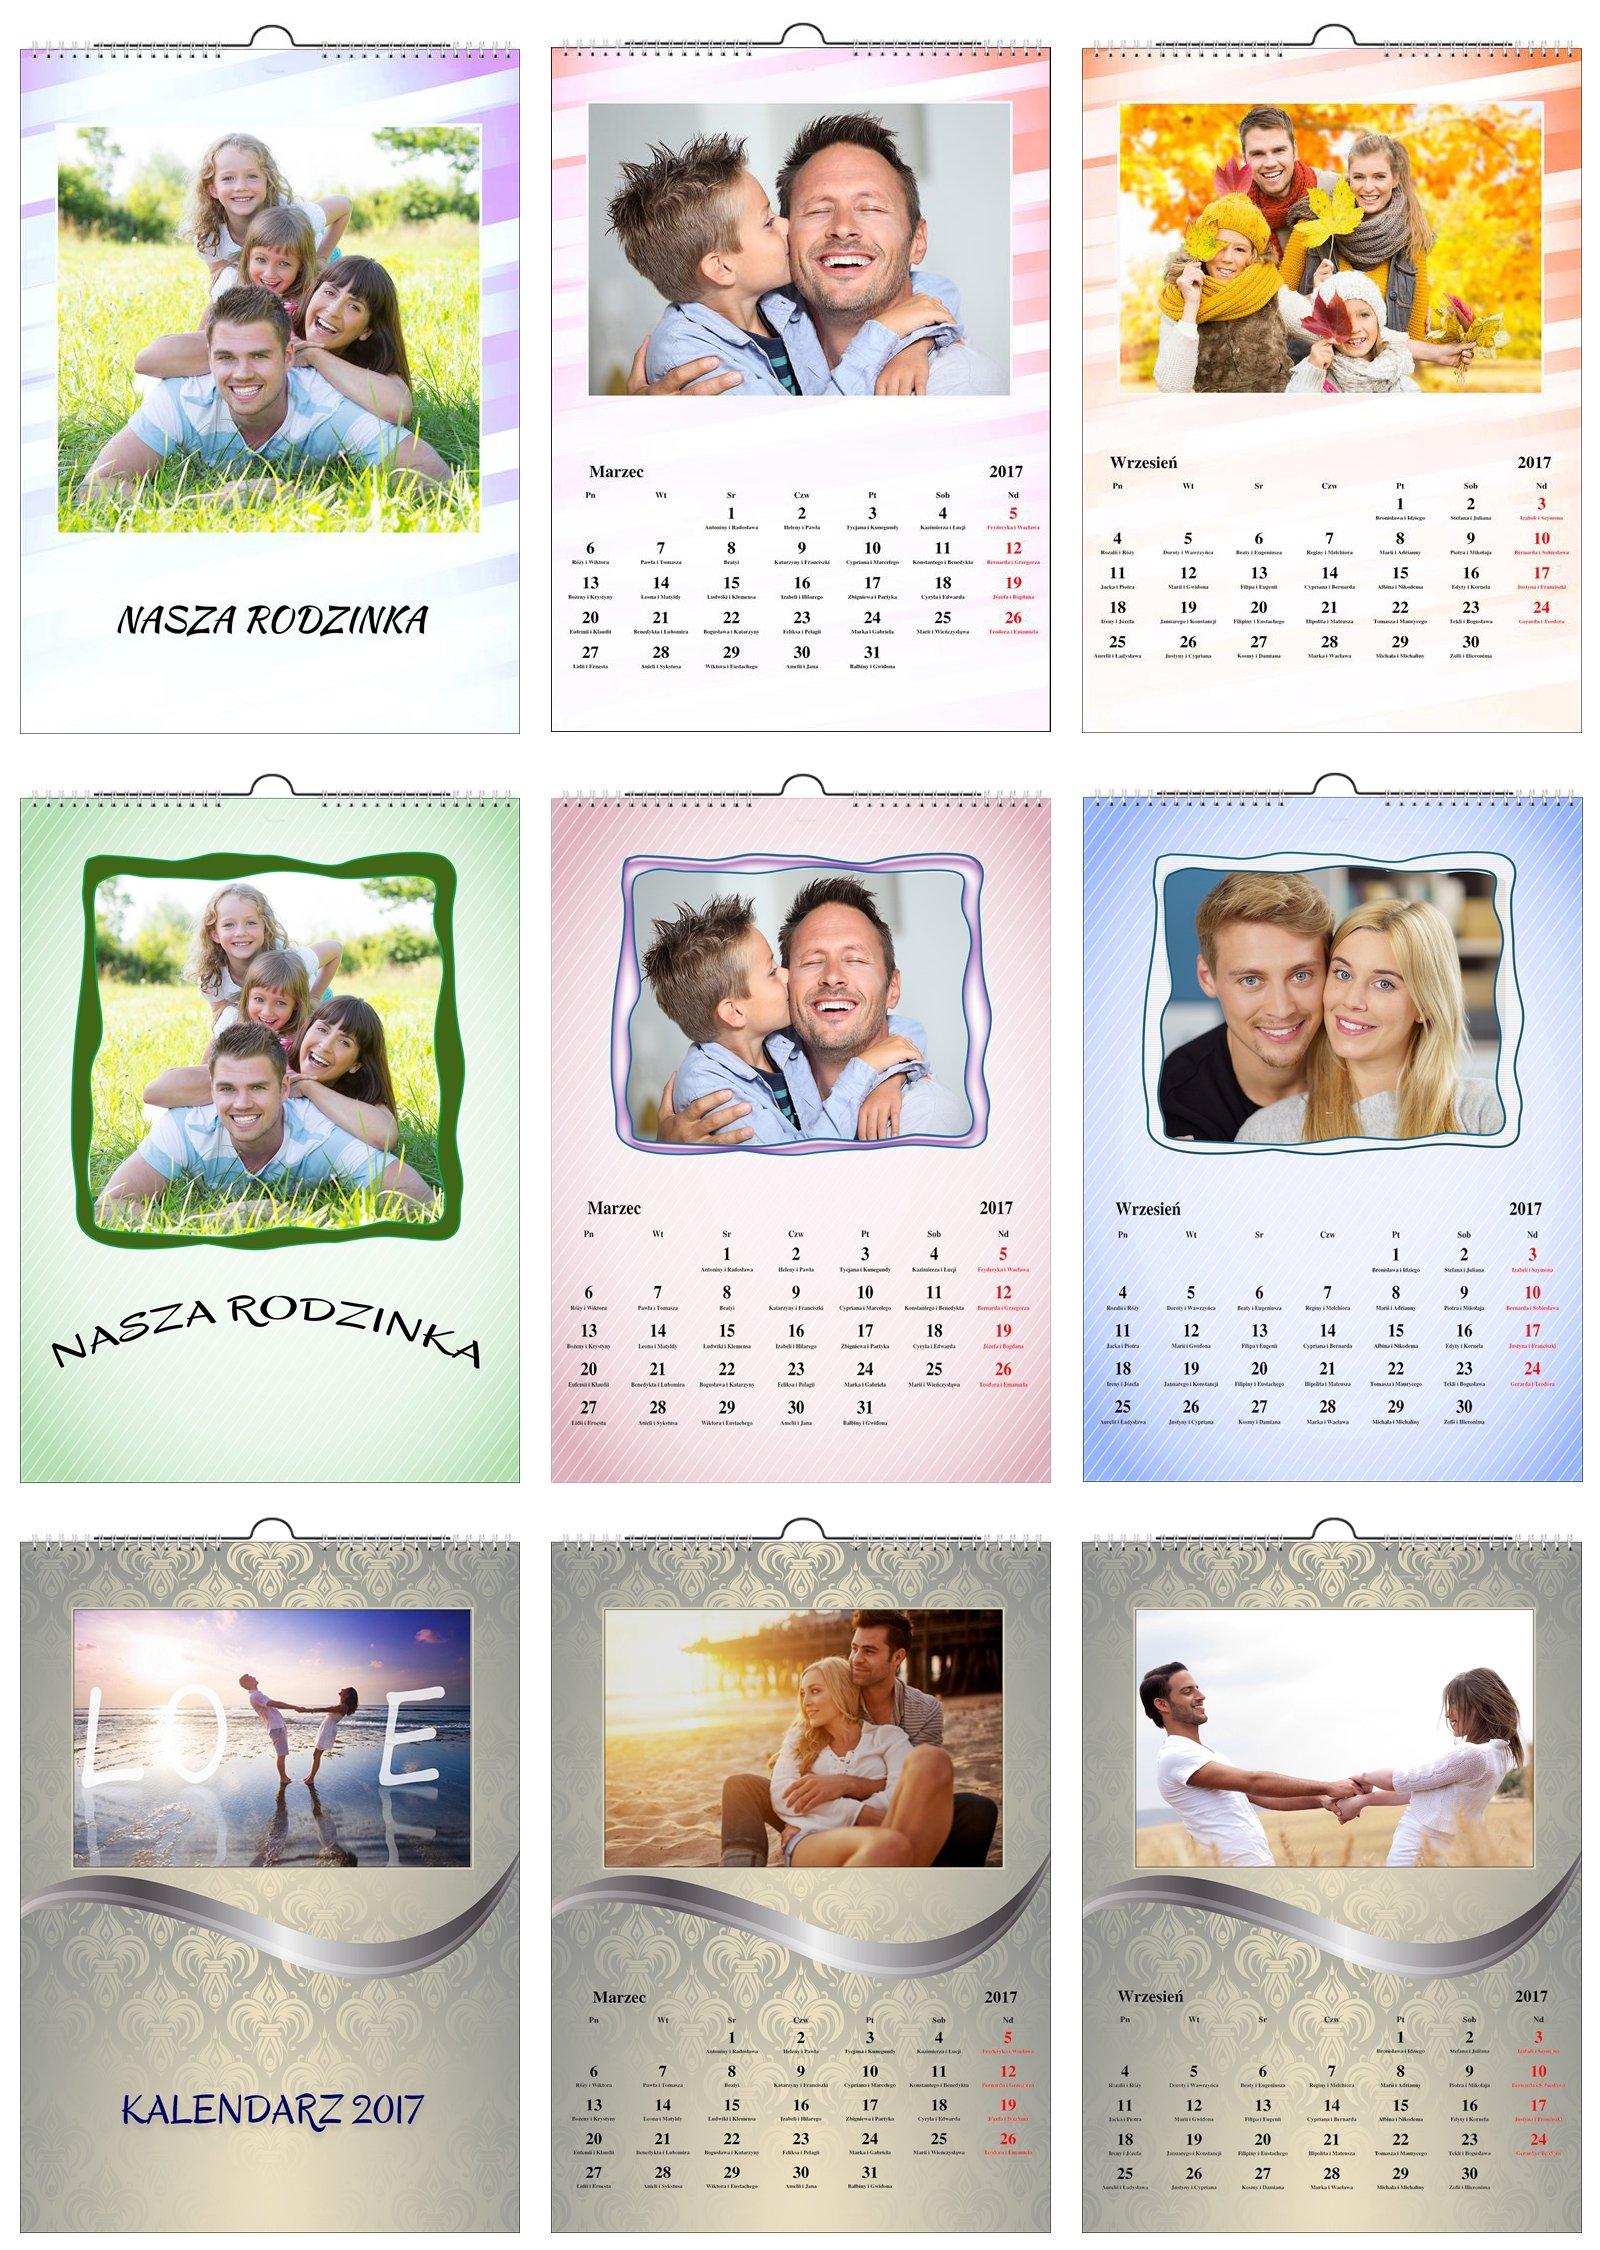 календарь из фотографий на заказ тверь отличительных признаках